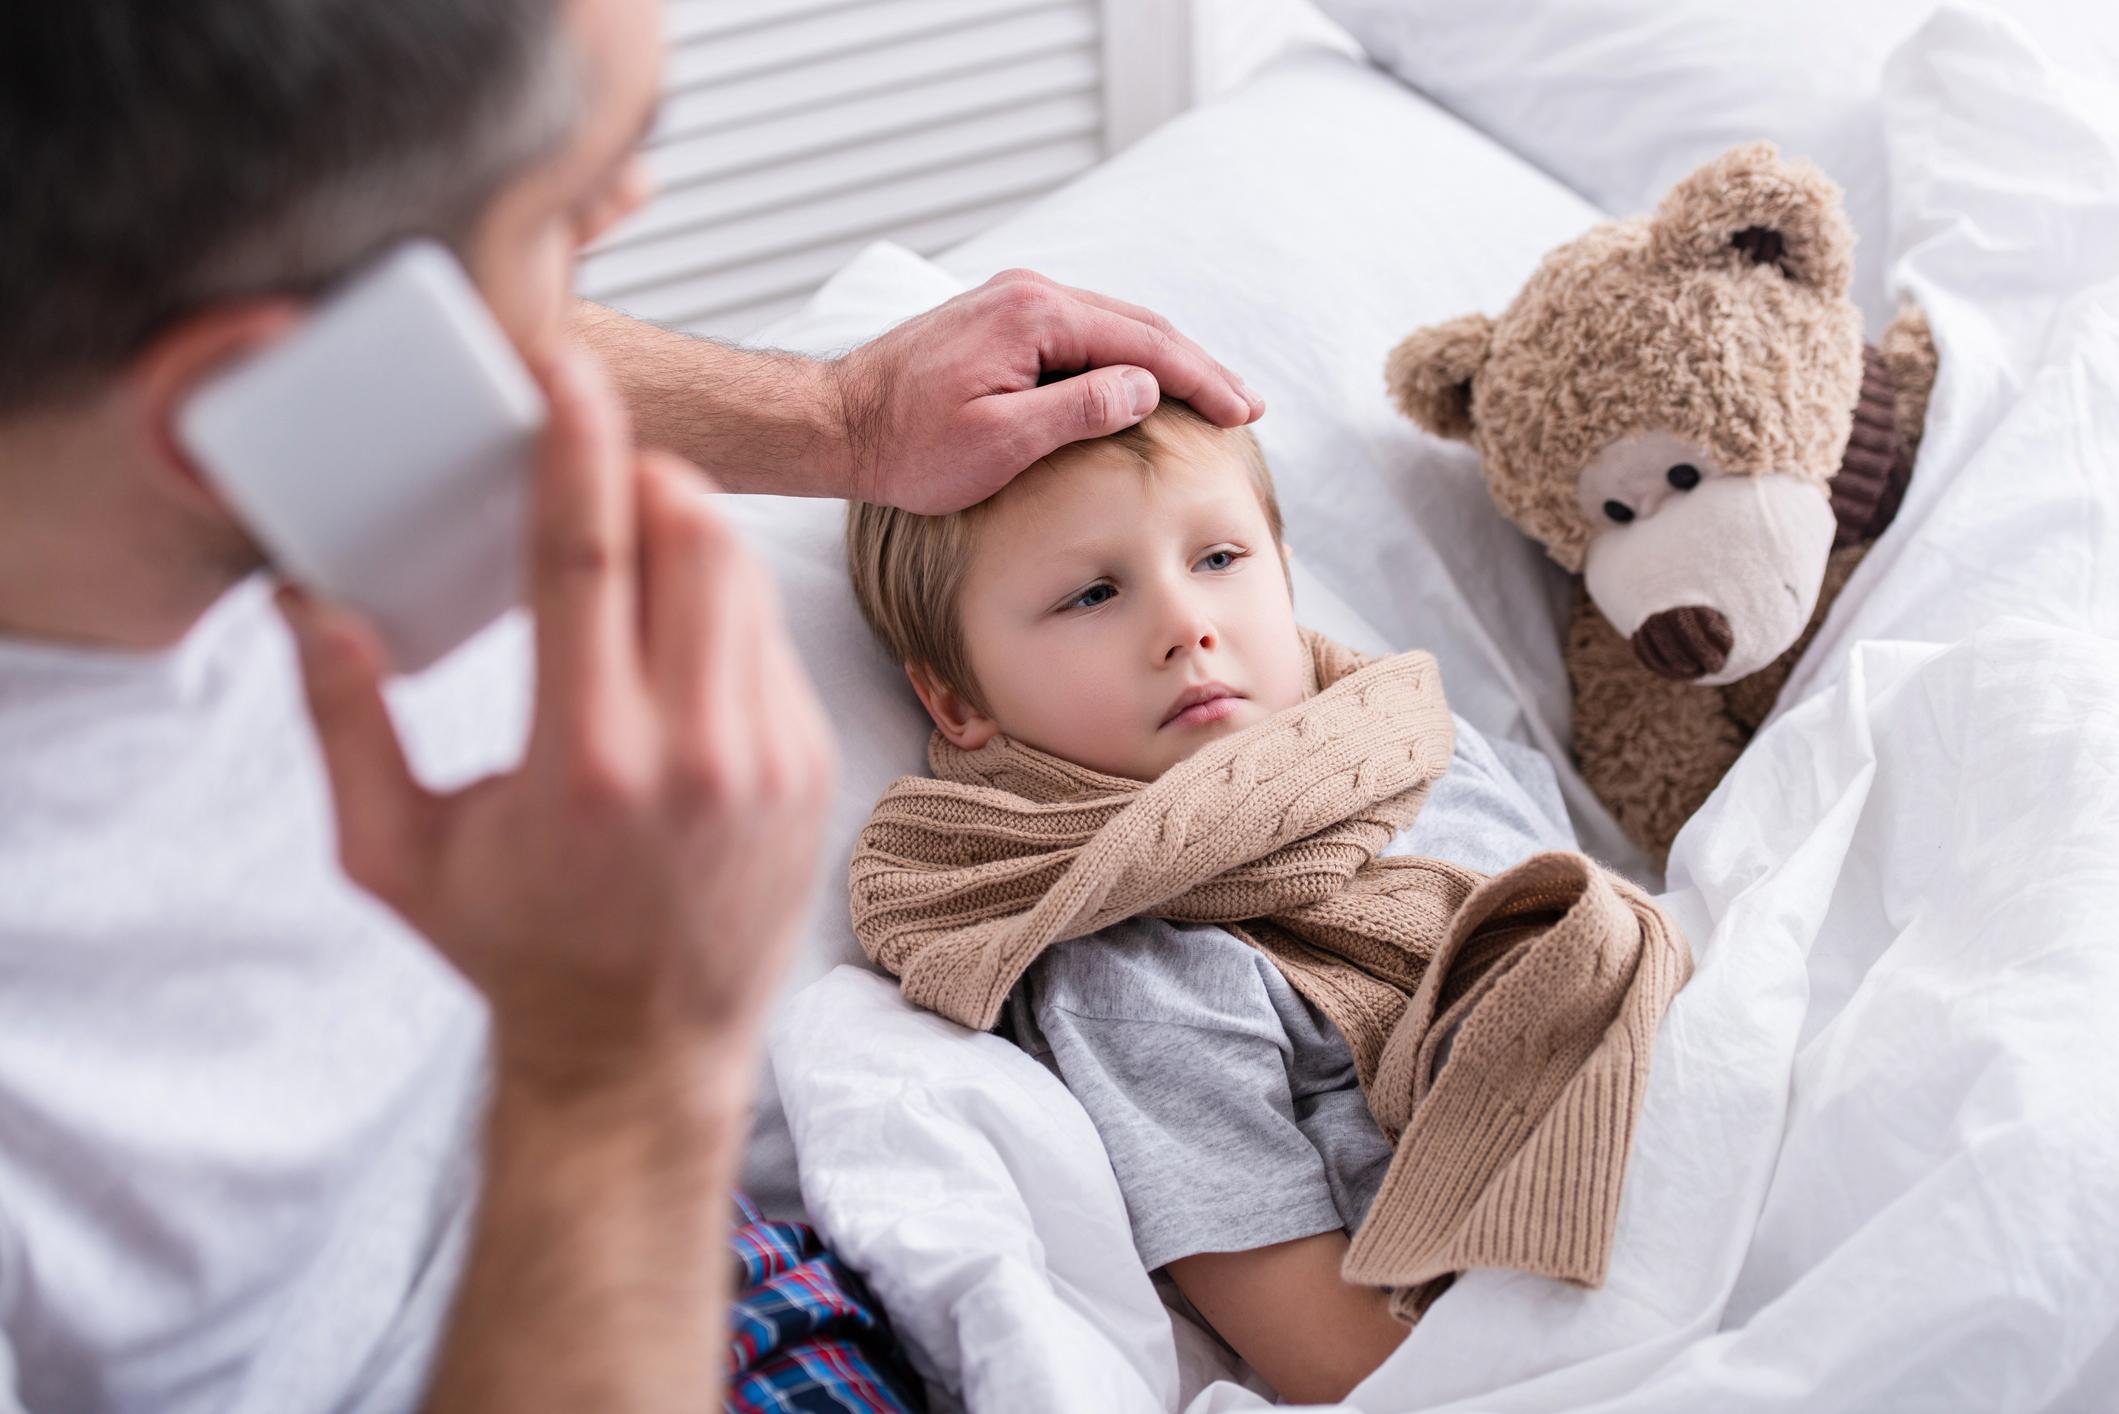 Los CDC advierten a médicos de EE.UU. sobre enfermedad infantil relacionada con covid-19.